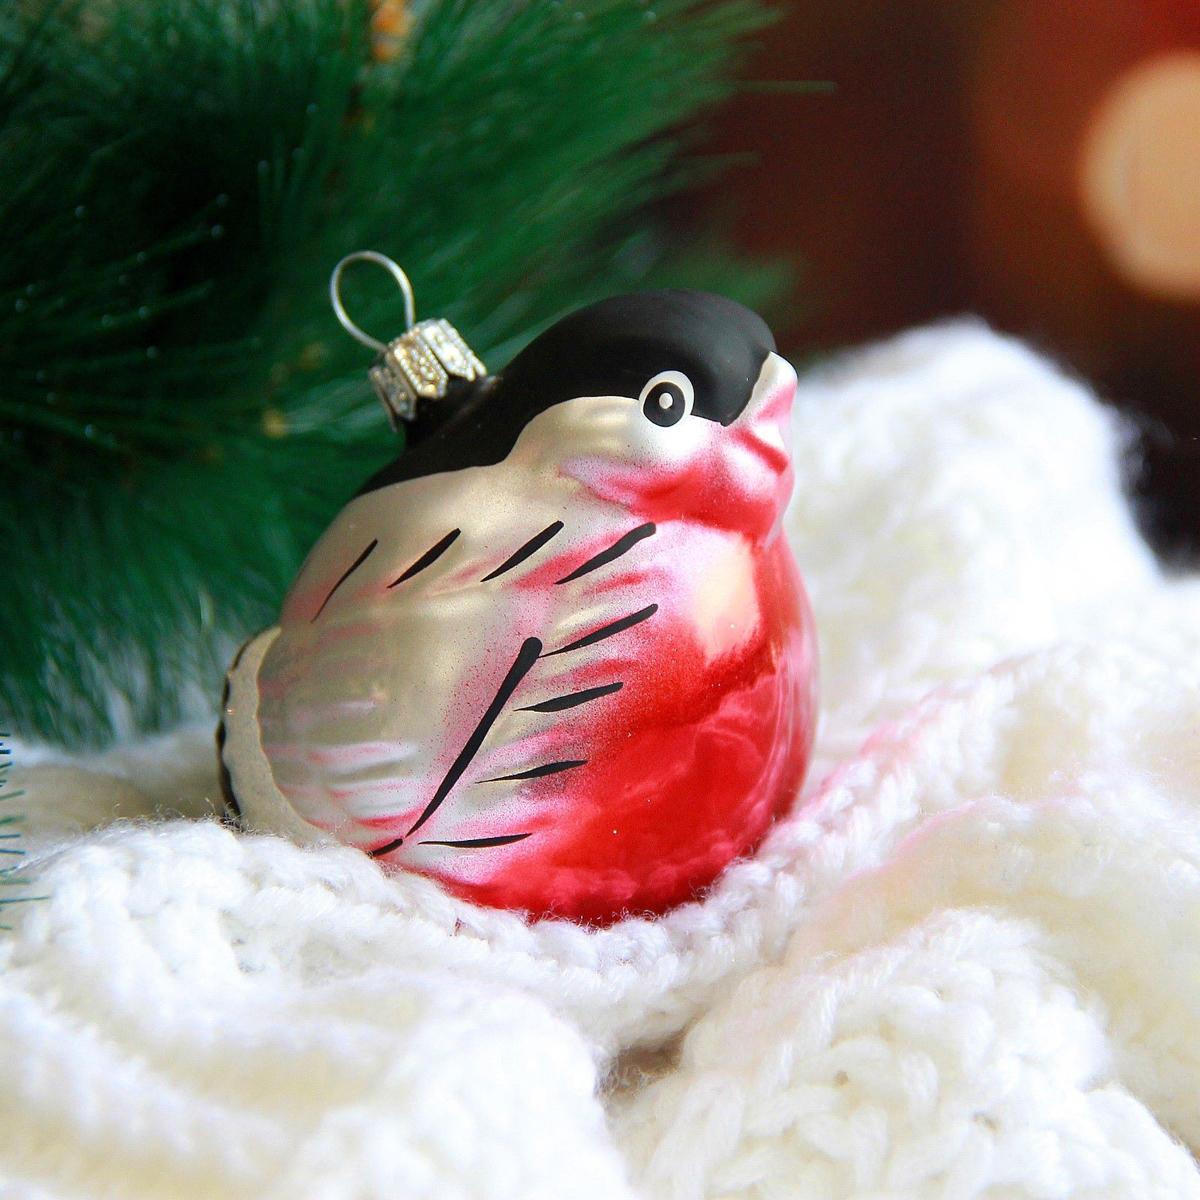 Новогоднее подвесное украшение Ёлочка Снегирь, 7 х 7 х 8 см1721446Новогоднее подвесное украшение Ёлочка отлично подойдет для декорации вашего дома и новогодней ели. Новогоднее украшение можно повесить в любом понравившемся вам месте. Но, конечно, удачнее всего оно будет смотреться на праздничной елке.Елочная игрушка - символ Нового года. Она несет в себе волшебство и красоту праздника. Такое украшение создаст в вашем доме атмосферу праздника, веселья и радости.